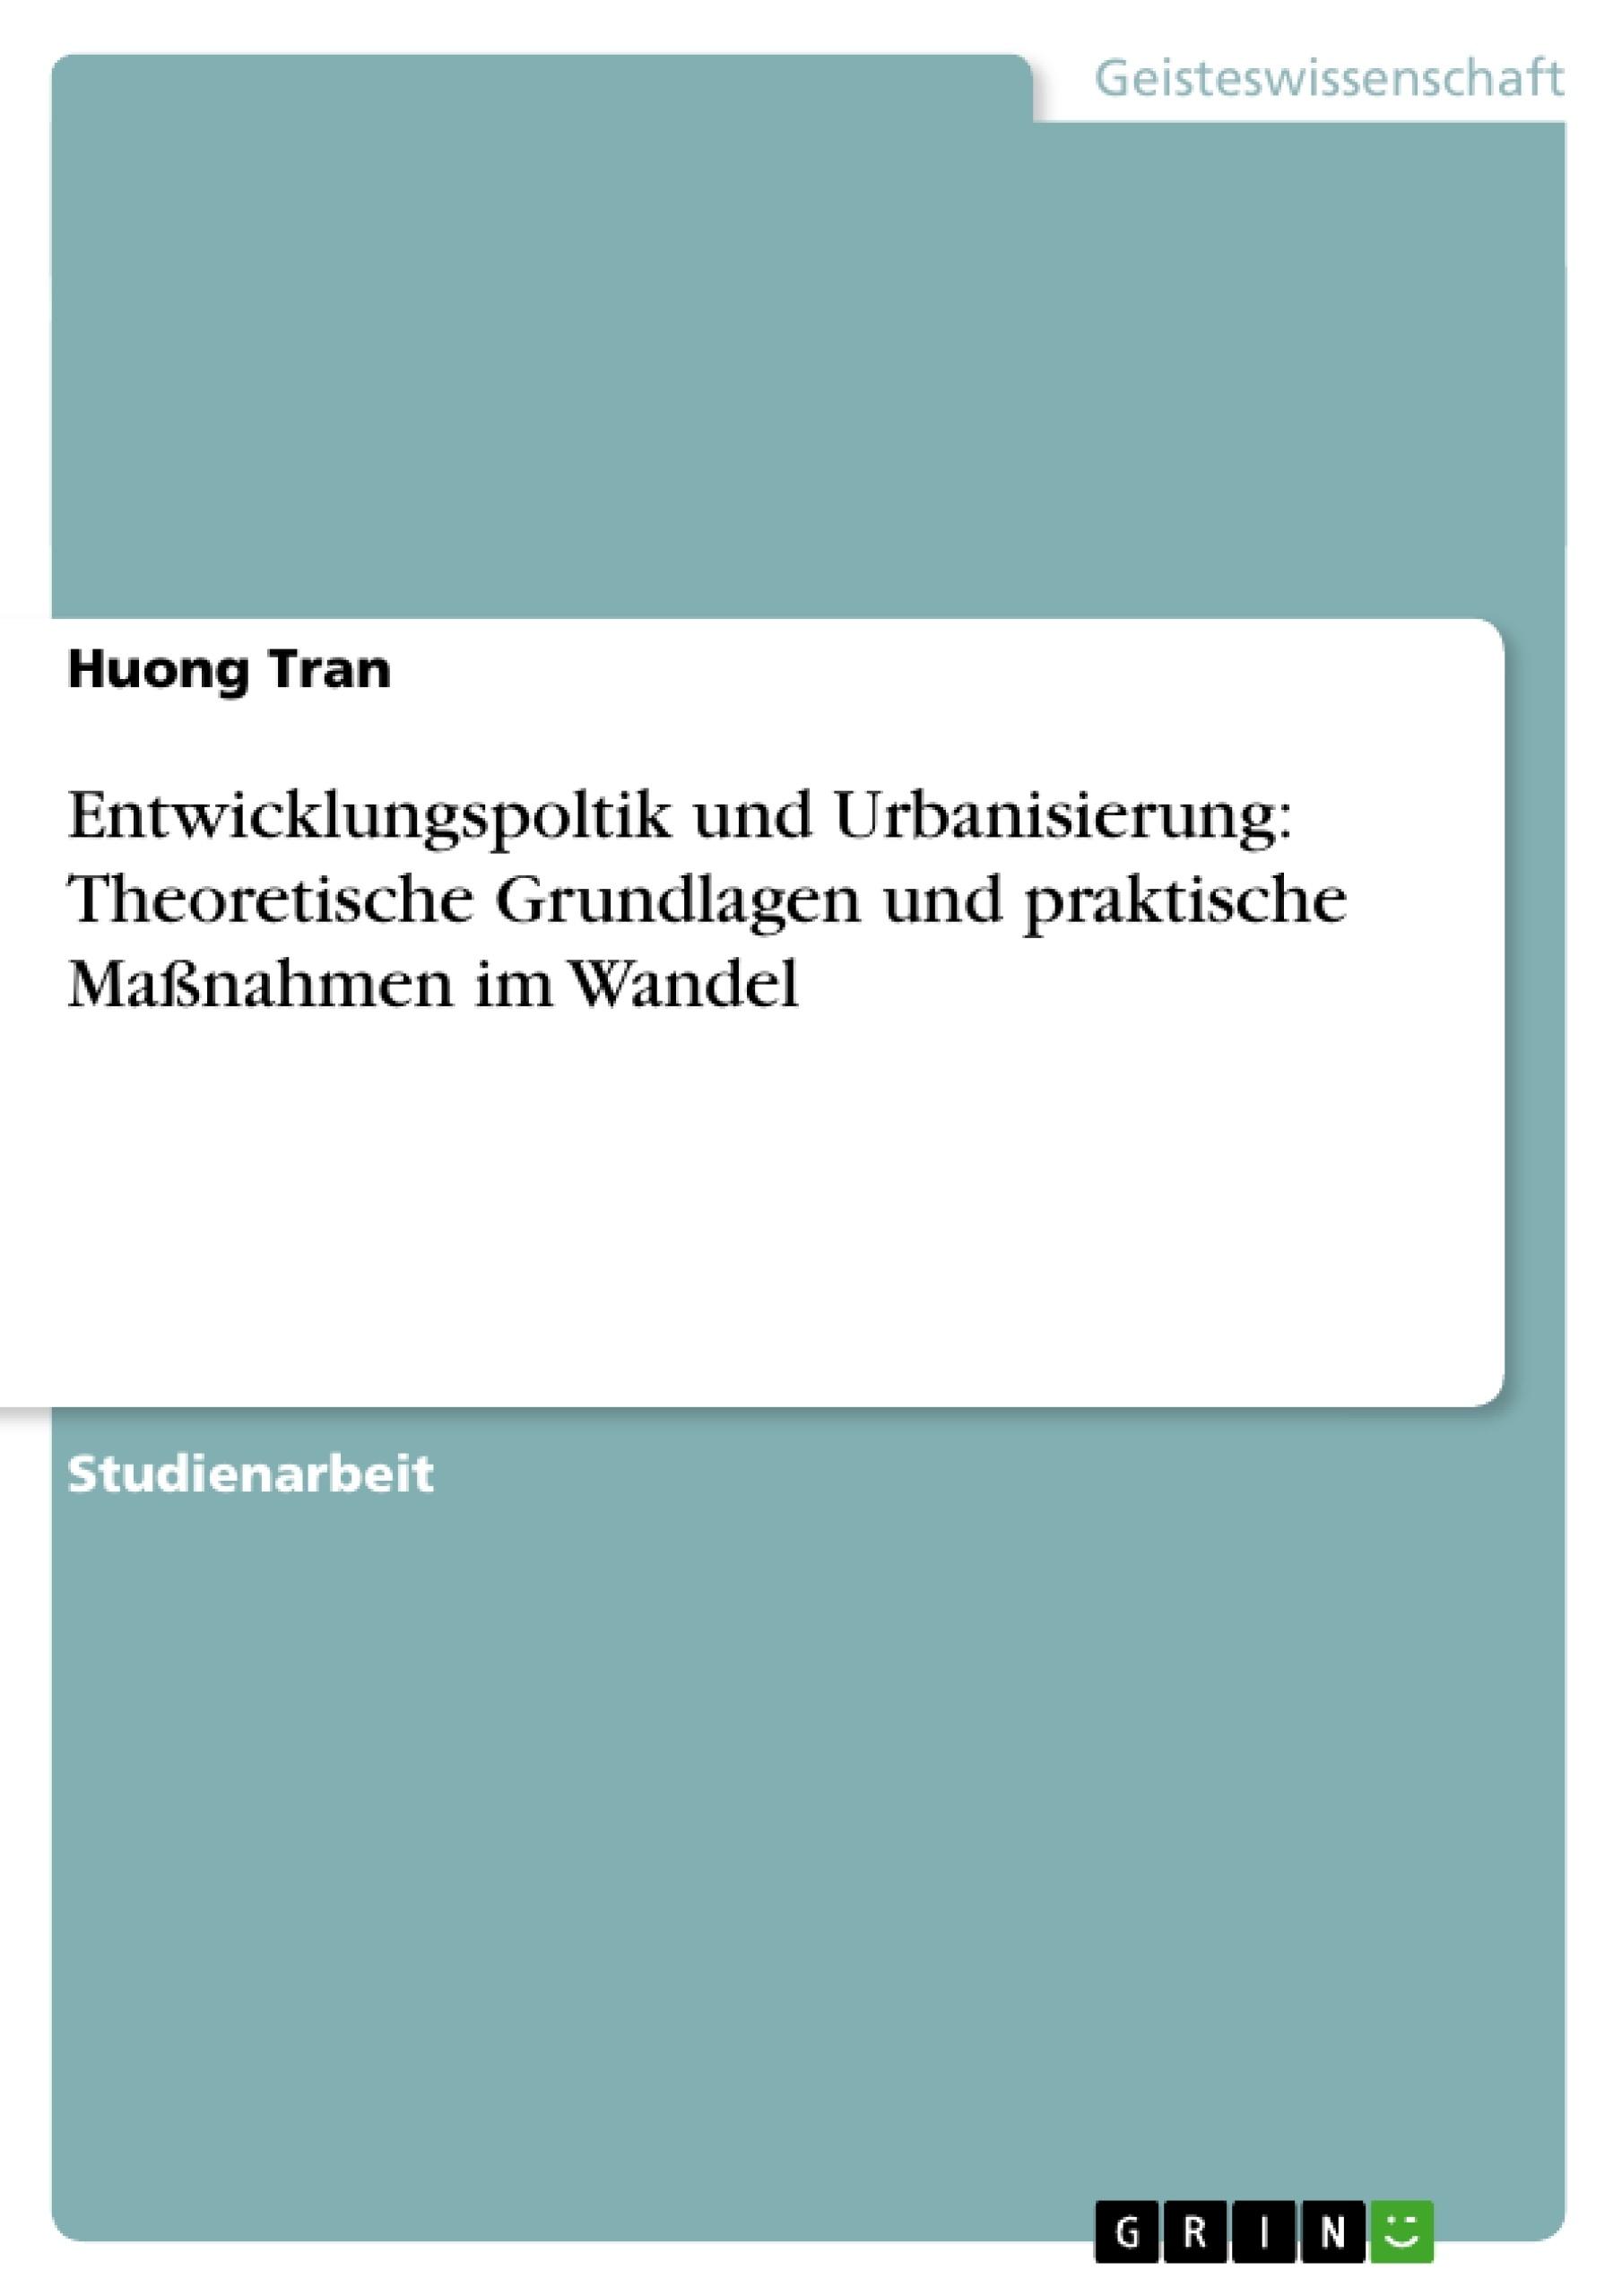 Titel: Entwicklungspoltik und Urbanisierung: Theoretische Grundlagen und praktische Maßnahmen im Wandel